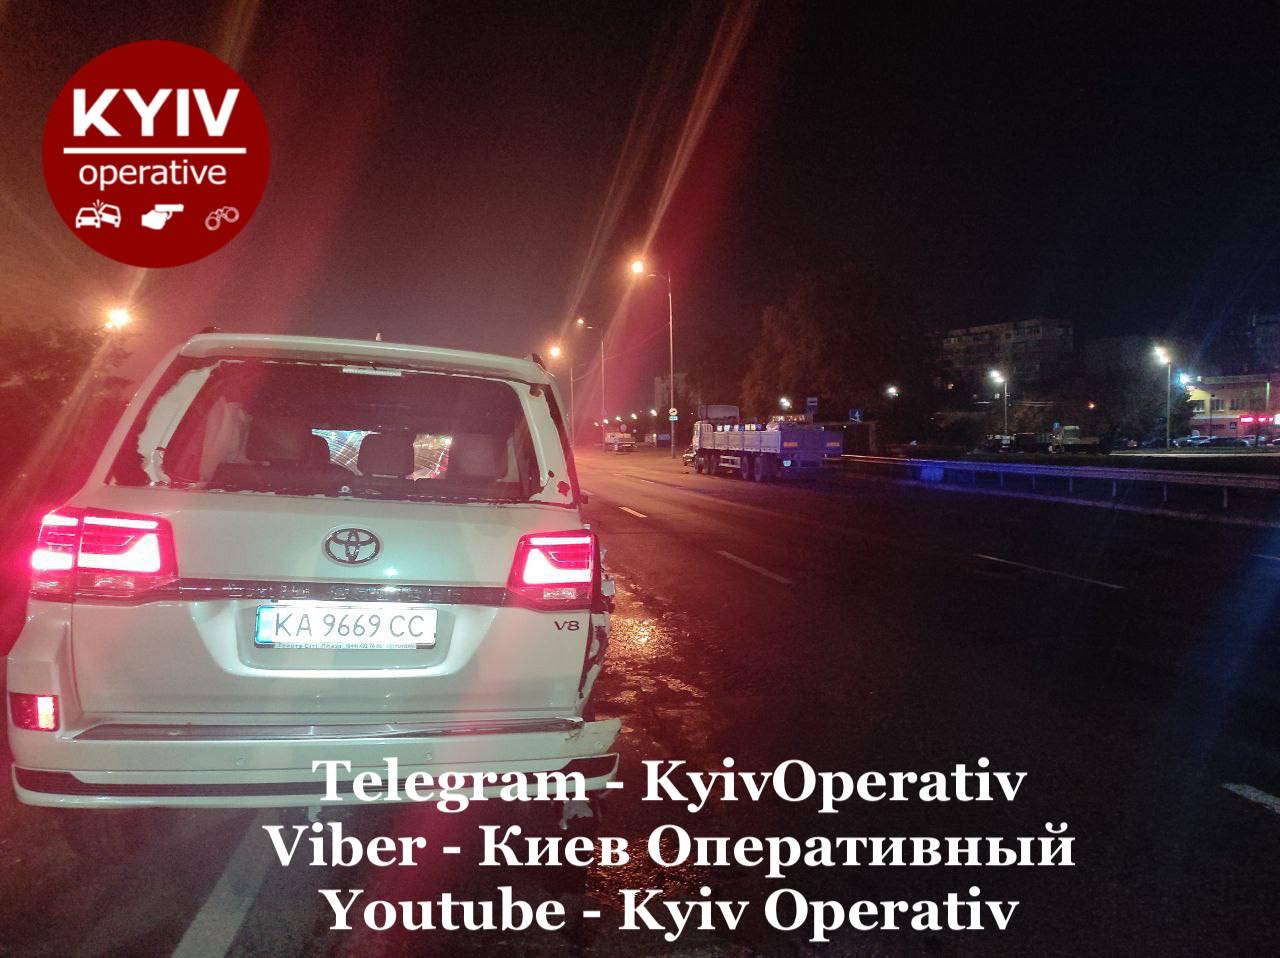 В Киеве сотрудник одной из станций технического обслуживания разбил машину клиента, когда сам на ней катался на Кольцевой дороге